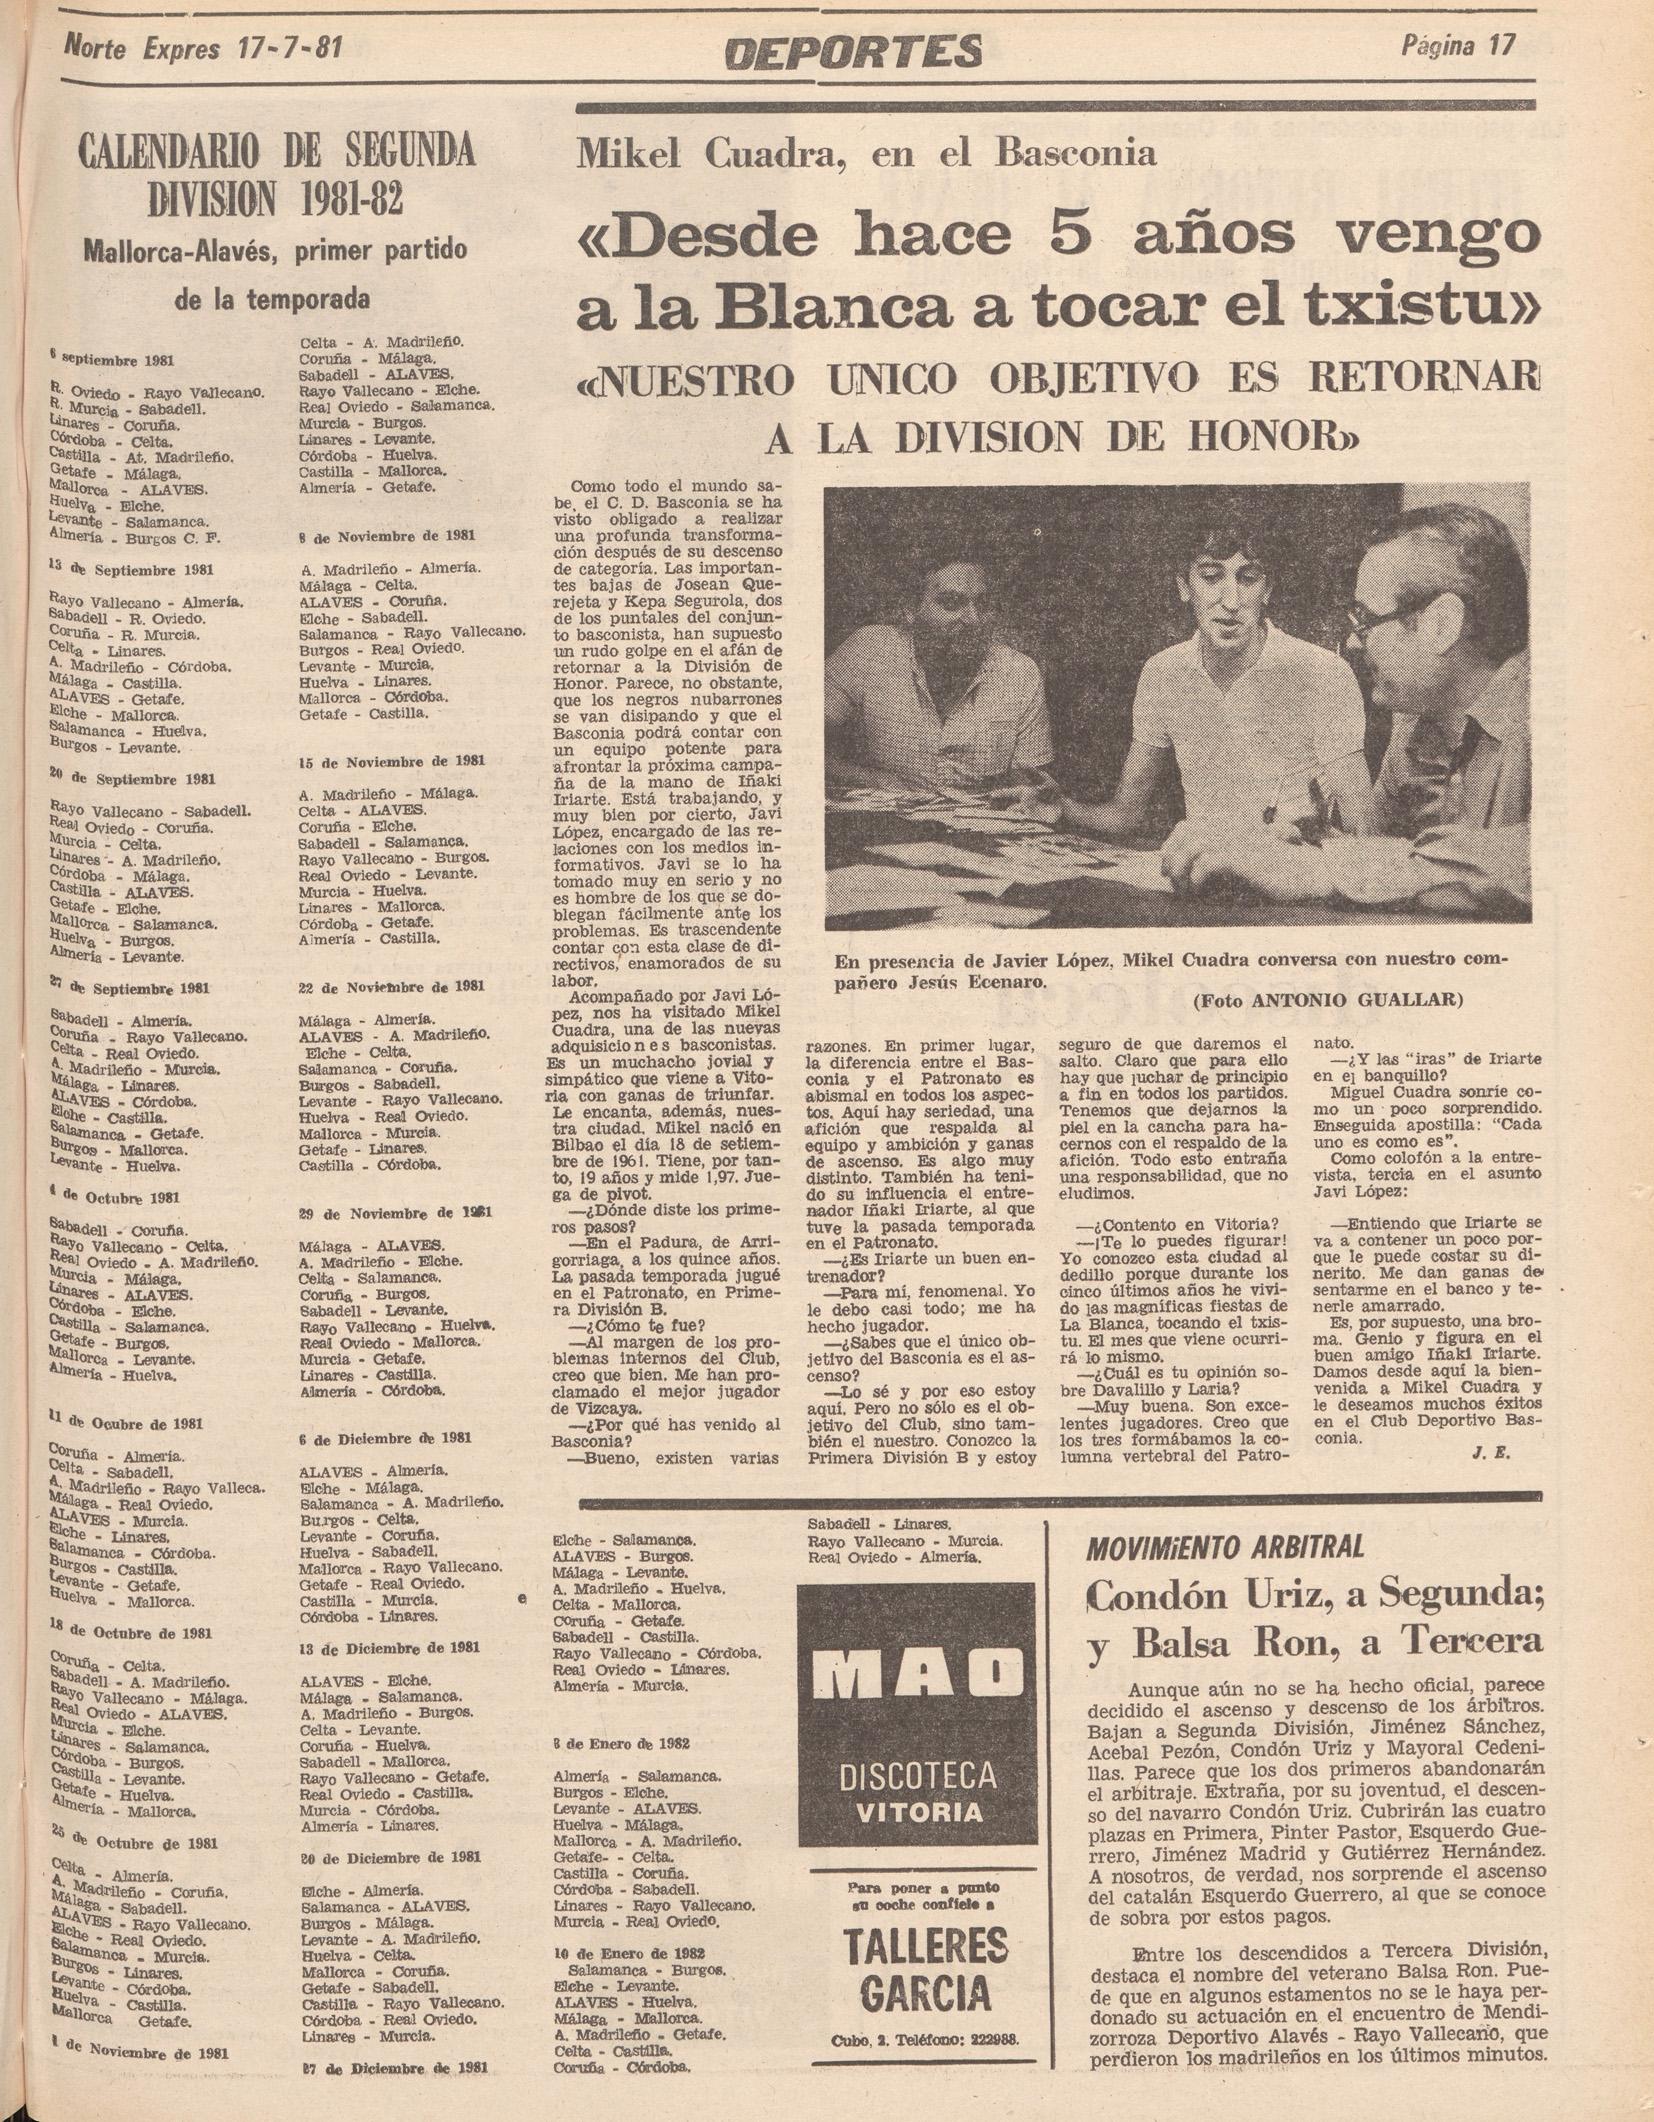 Especial 60 aniversario (Fotos, recuerdos, recortes...del Baskonia desde 1959) - Página 43 214684_1981_07_17_0017